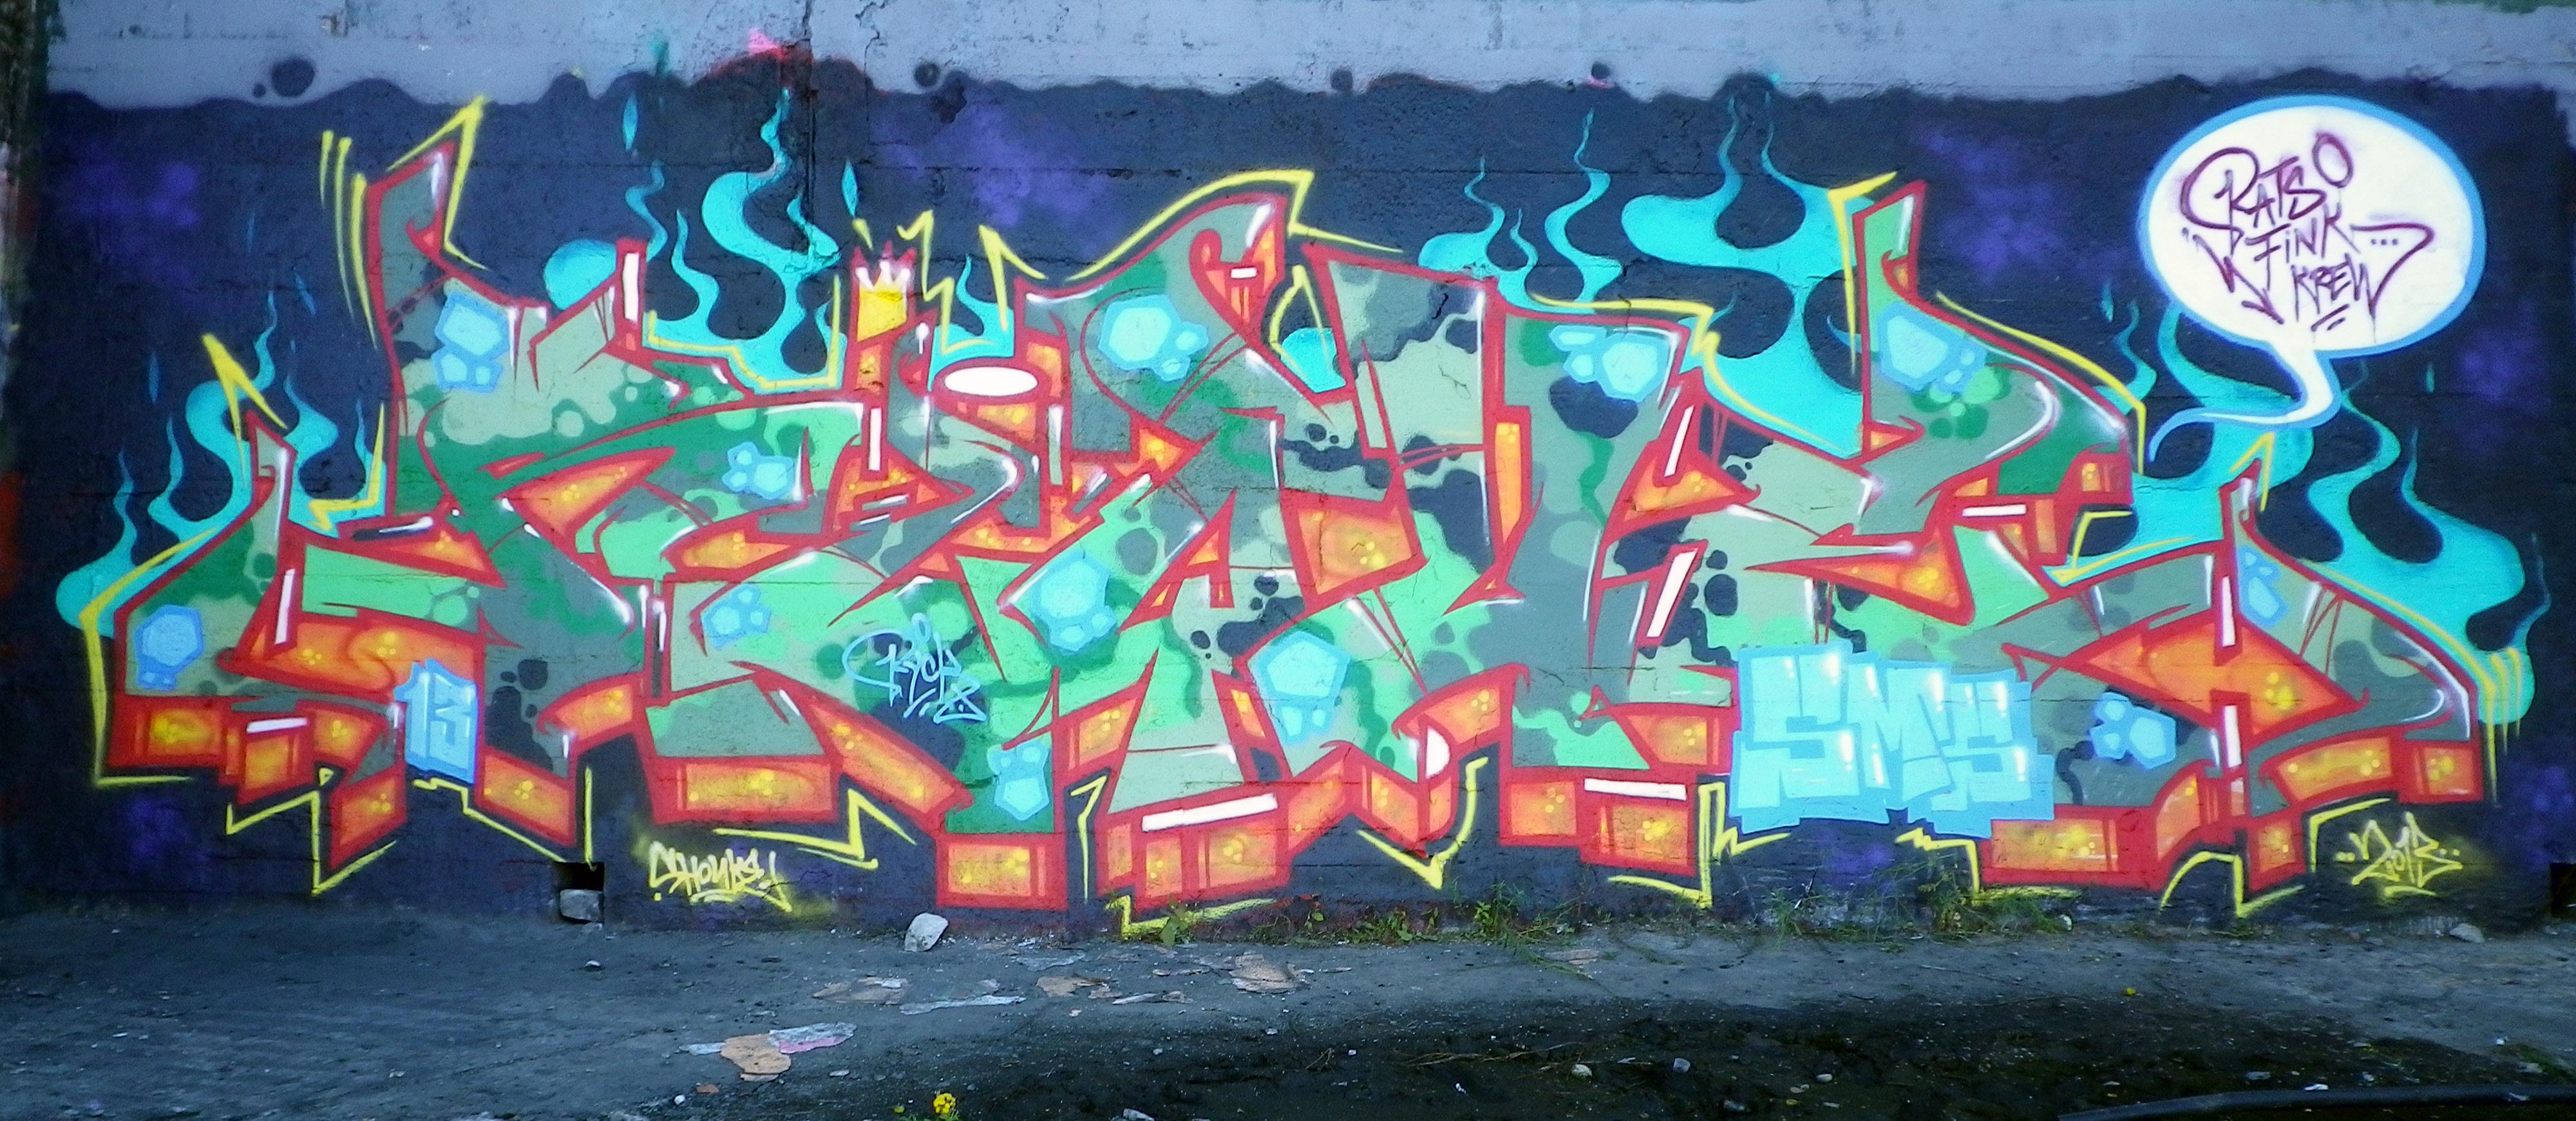 обои граффити брюссель рик убыль Rik смс Rfk